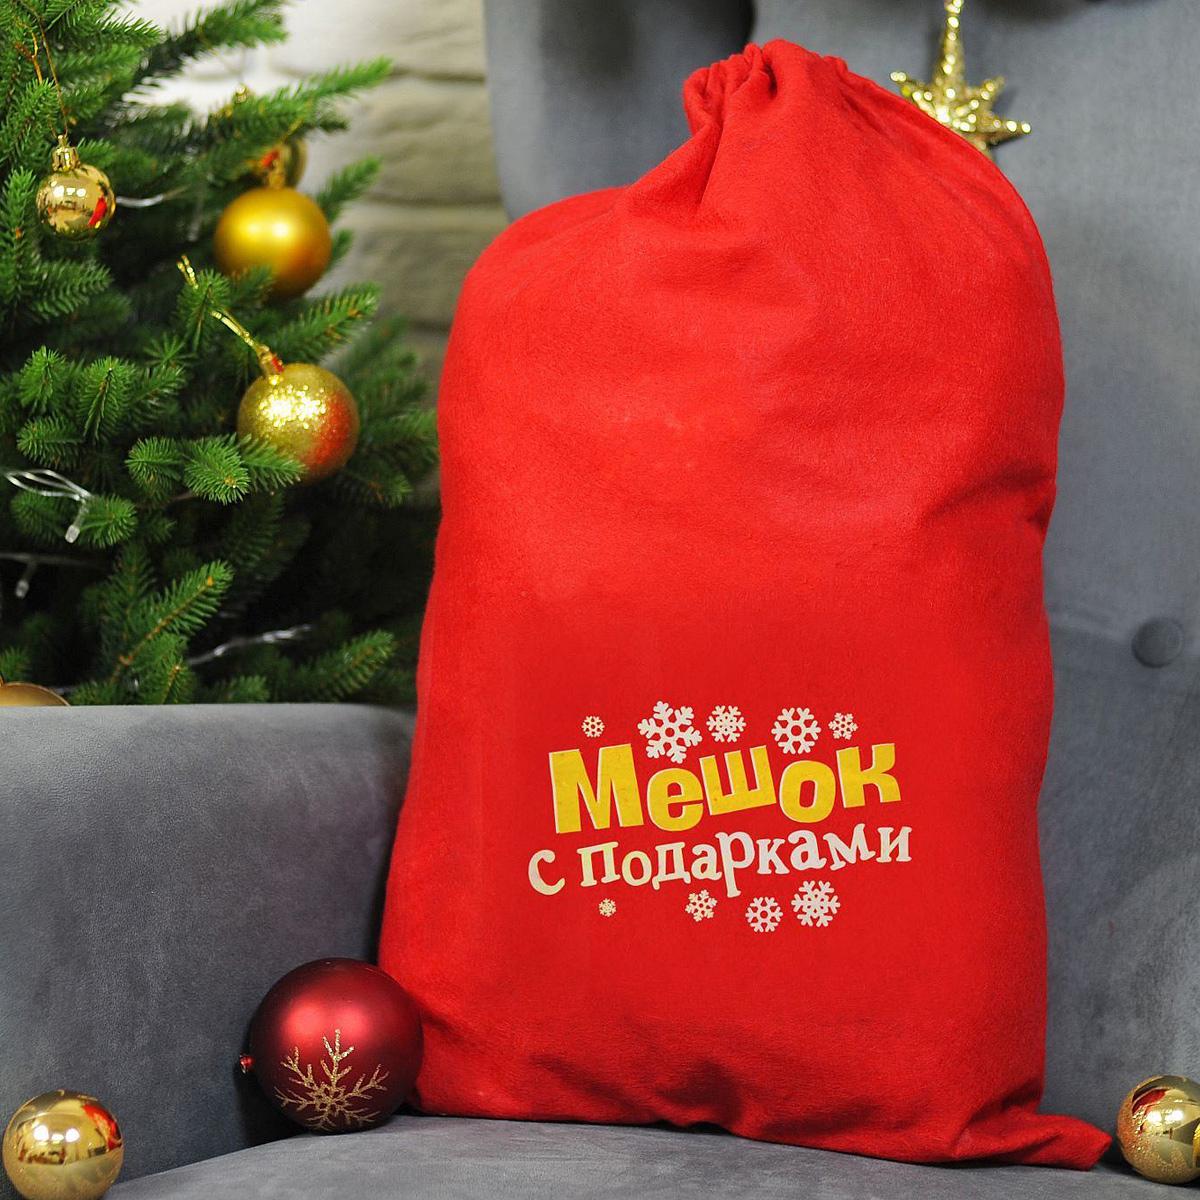 Упаковка подарочная Страна Карнавалия Мешок Деда Мороза с подарками, 60 х 90 см1365015Невозможно представить нашу жизнь без праздников! Мы всегда ждем их и предвкушаем, обдумываем, как проведем памятный день, тщательно выбираем подарки и аксессуары, ведь именно они создают и поддерживают торжественный настрой. Мешок — это отличный выбор, который привнесет атмосферу праздника в ваш дом!